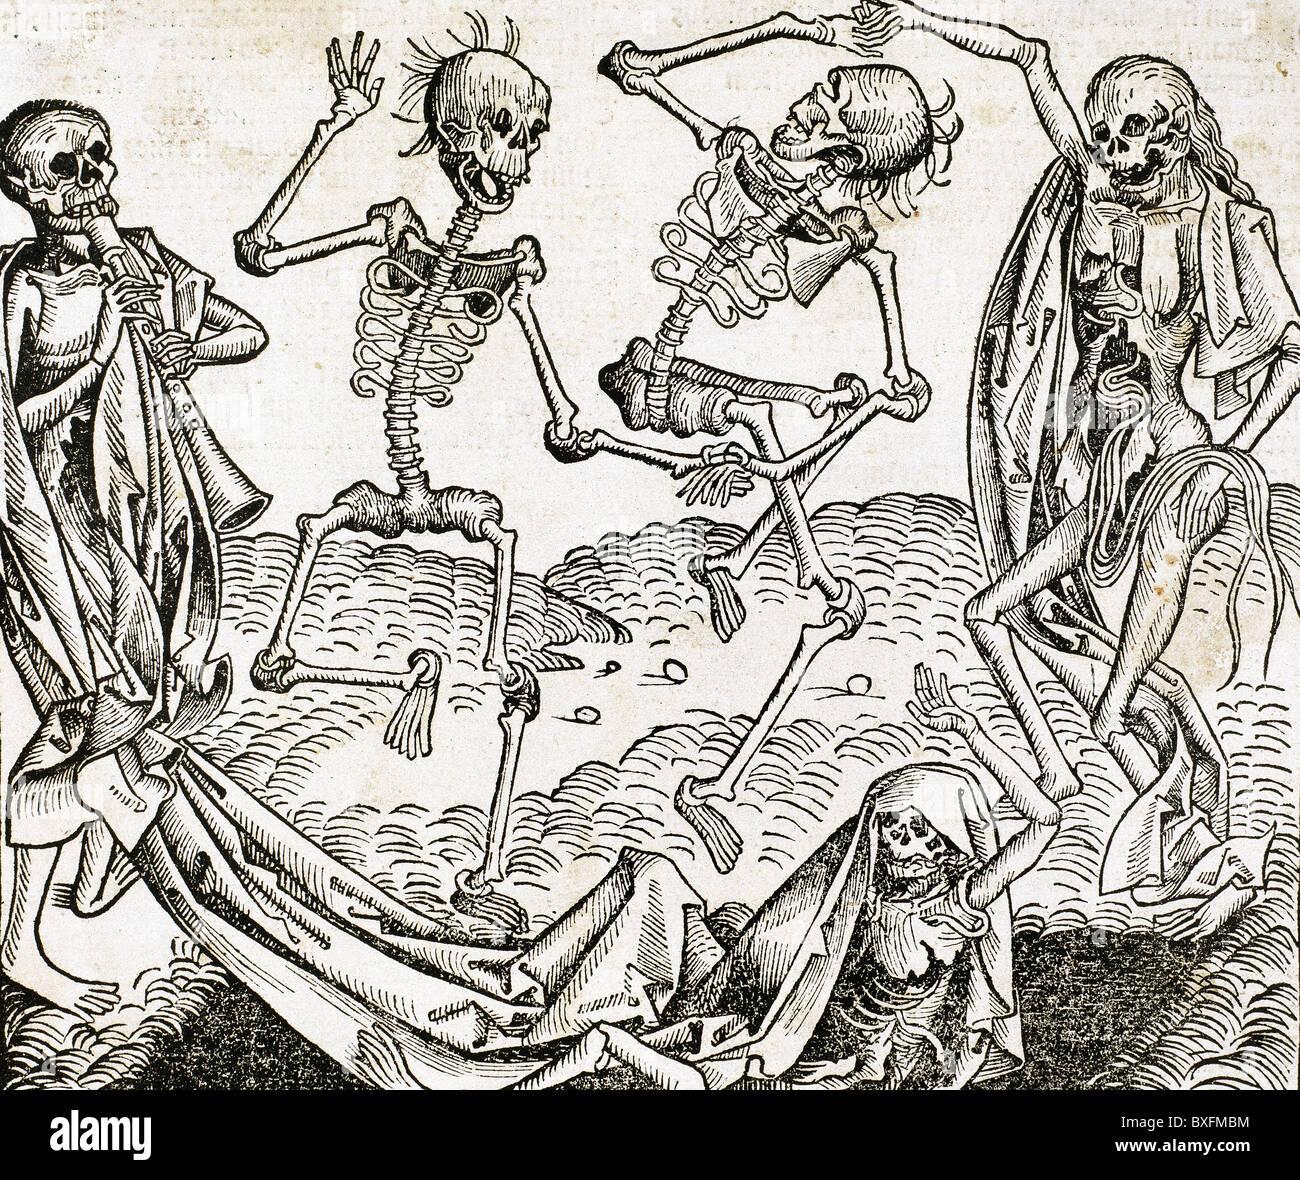 Der Tanz des Todes (1493) von Michael Wolgemut, aus dem Liber Chronicarum von Hartmann Schedel. Gravur. Stockbild